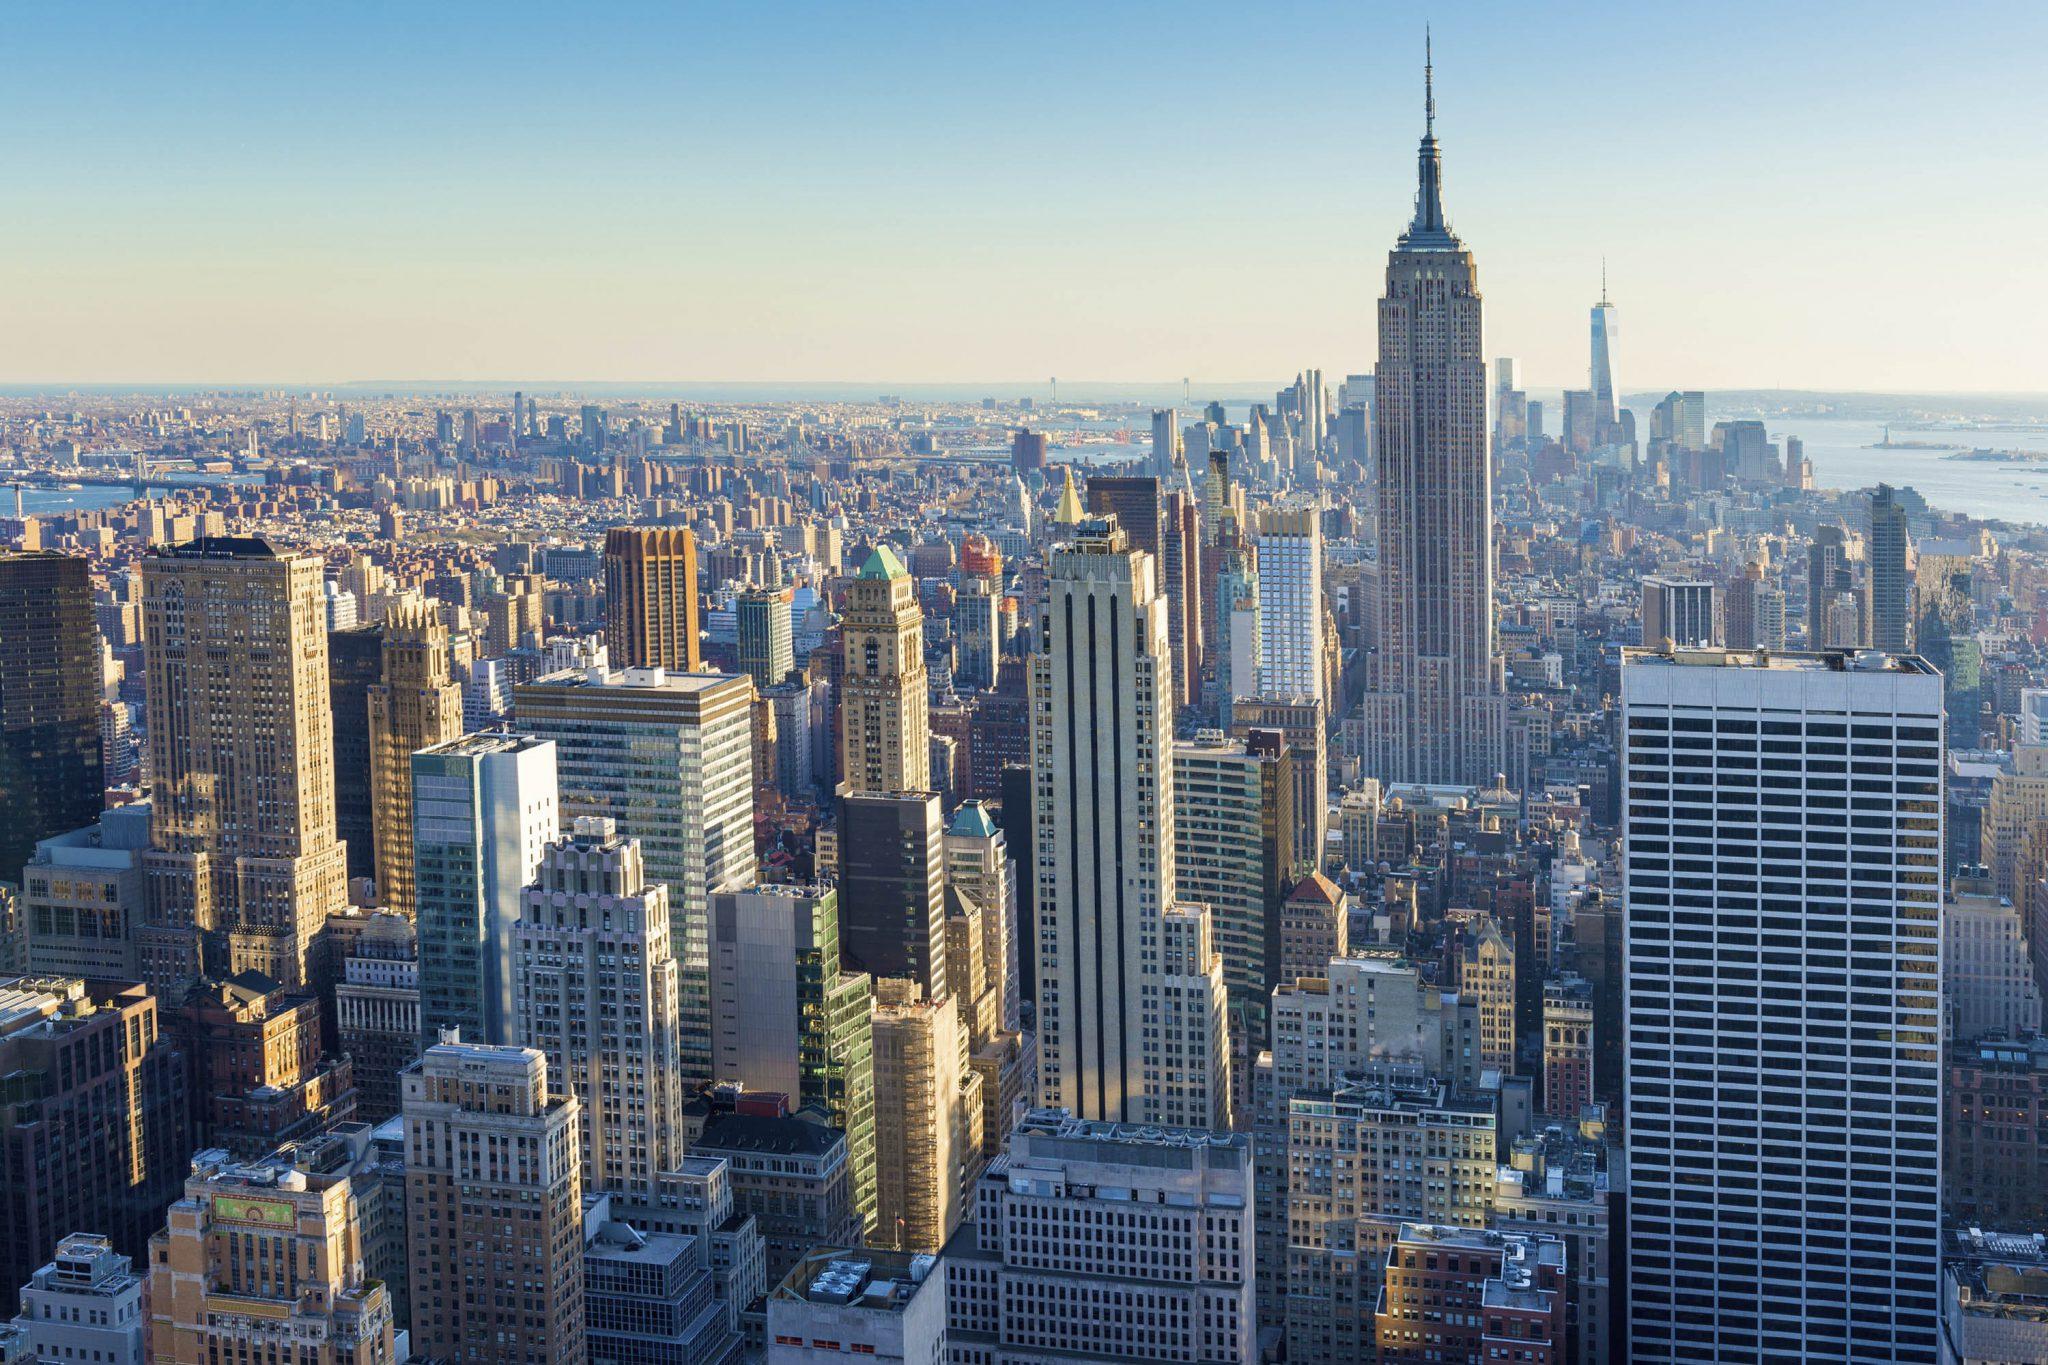 JetBlue planira da pokrene low cost letove između Evrope i SAD